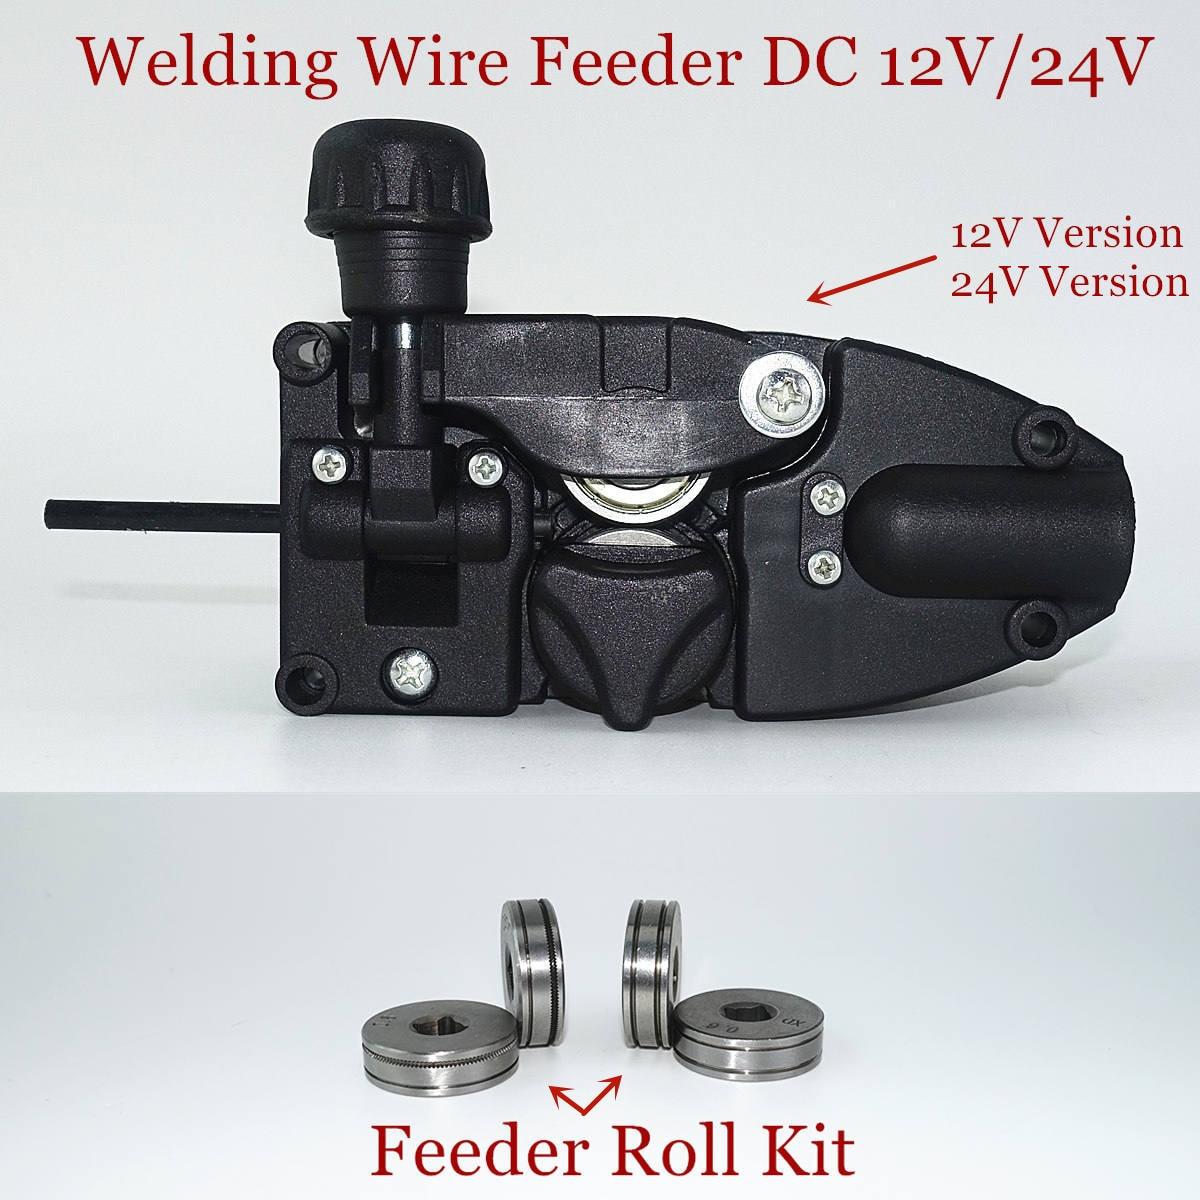 Welding Wire Feeder DC 12V 24V Wire Feeding Assembly SSJ-16 V K Groove Feeder Roll For MIG Welder Welding Machine